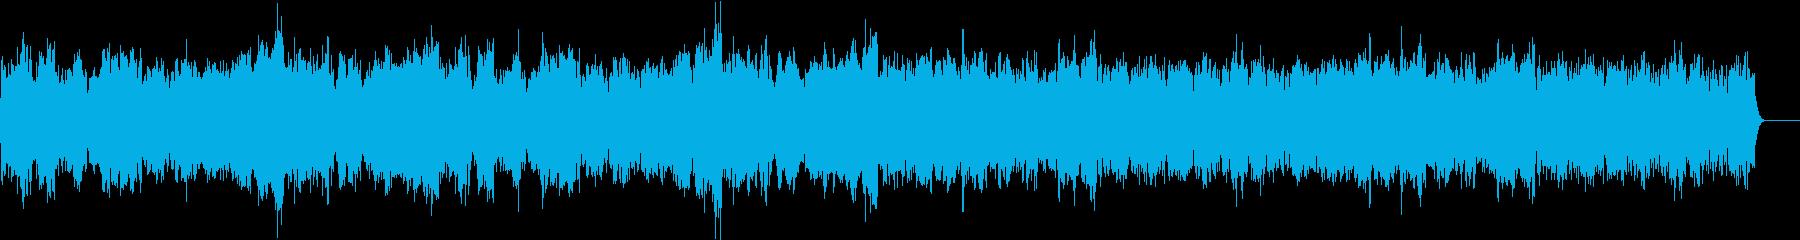 ゴルトベルク変奏曲主題部/オーケストラの再生済みの波形